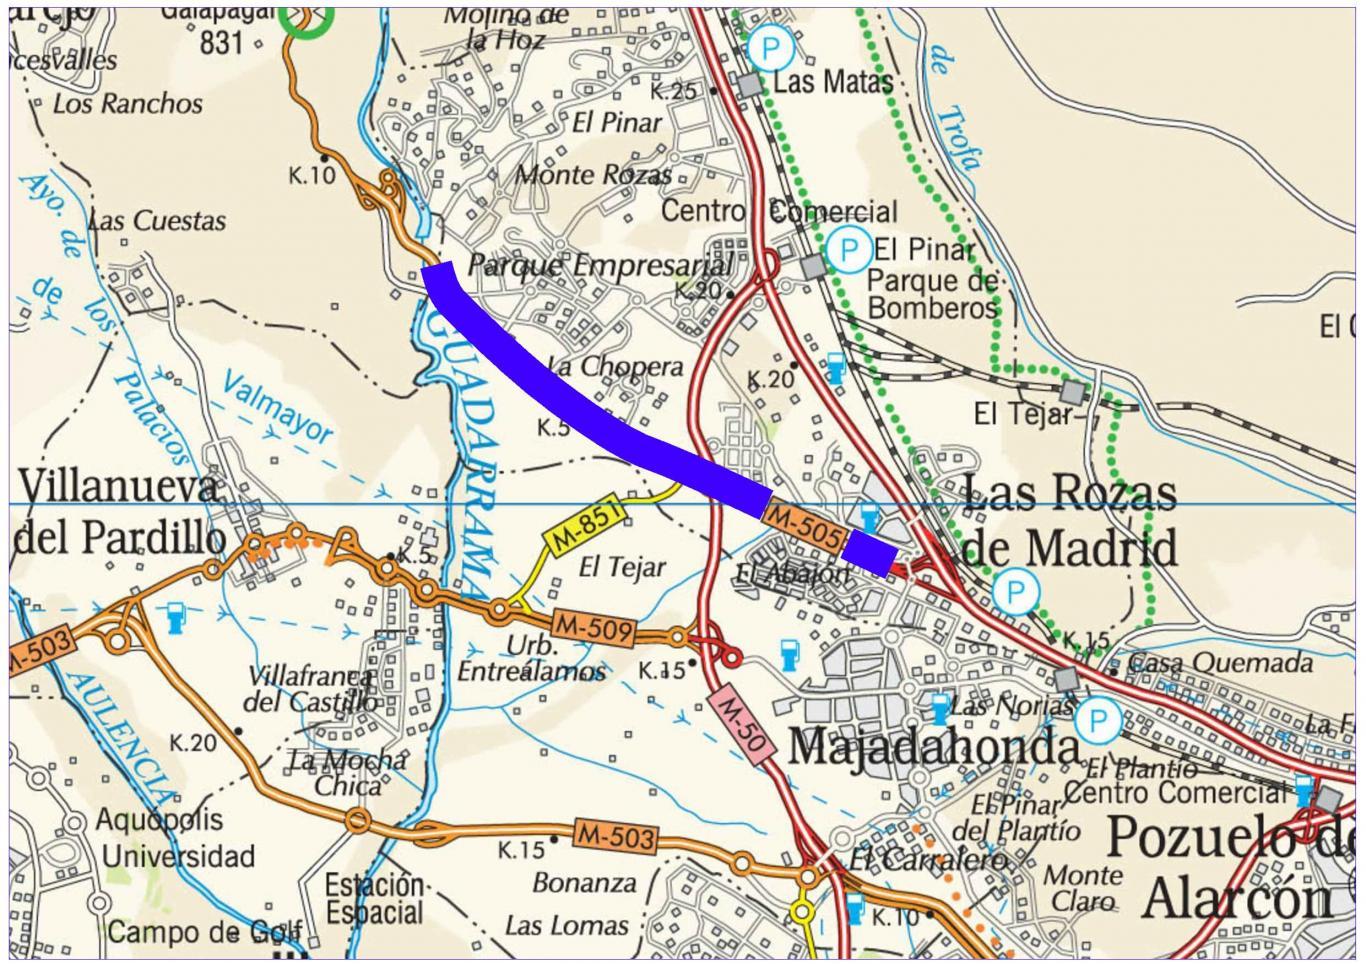 Plano de situación de la obra M-505 pk 0,000-8,500